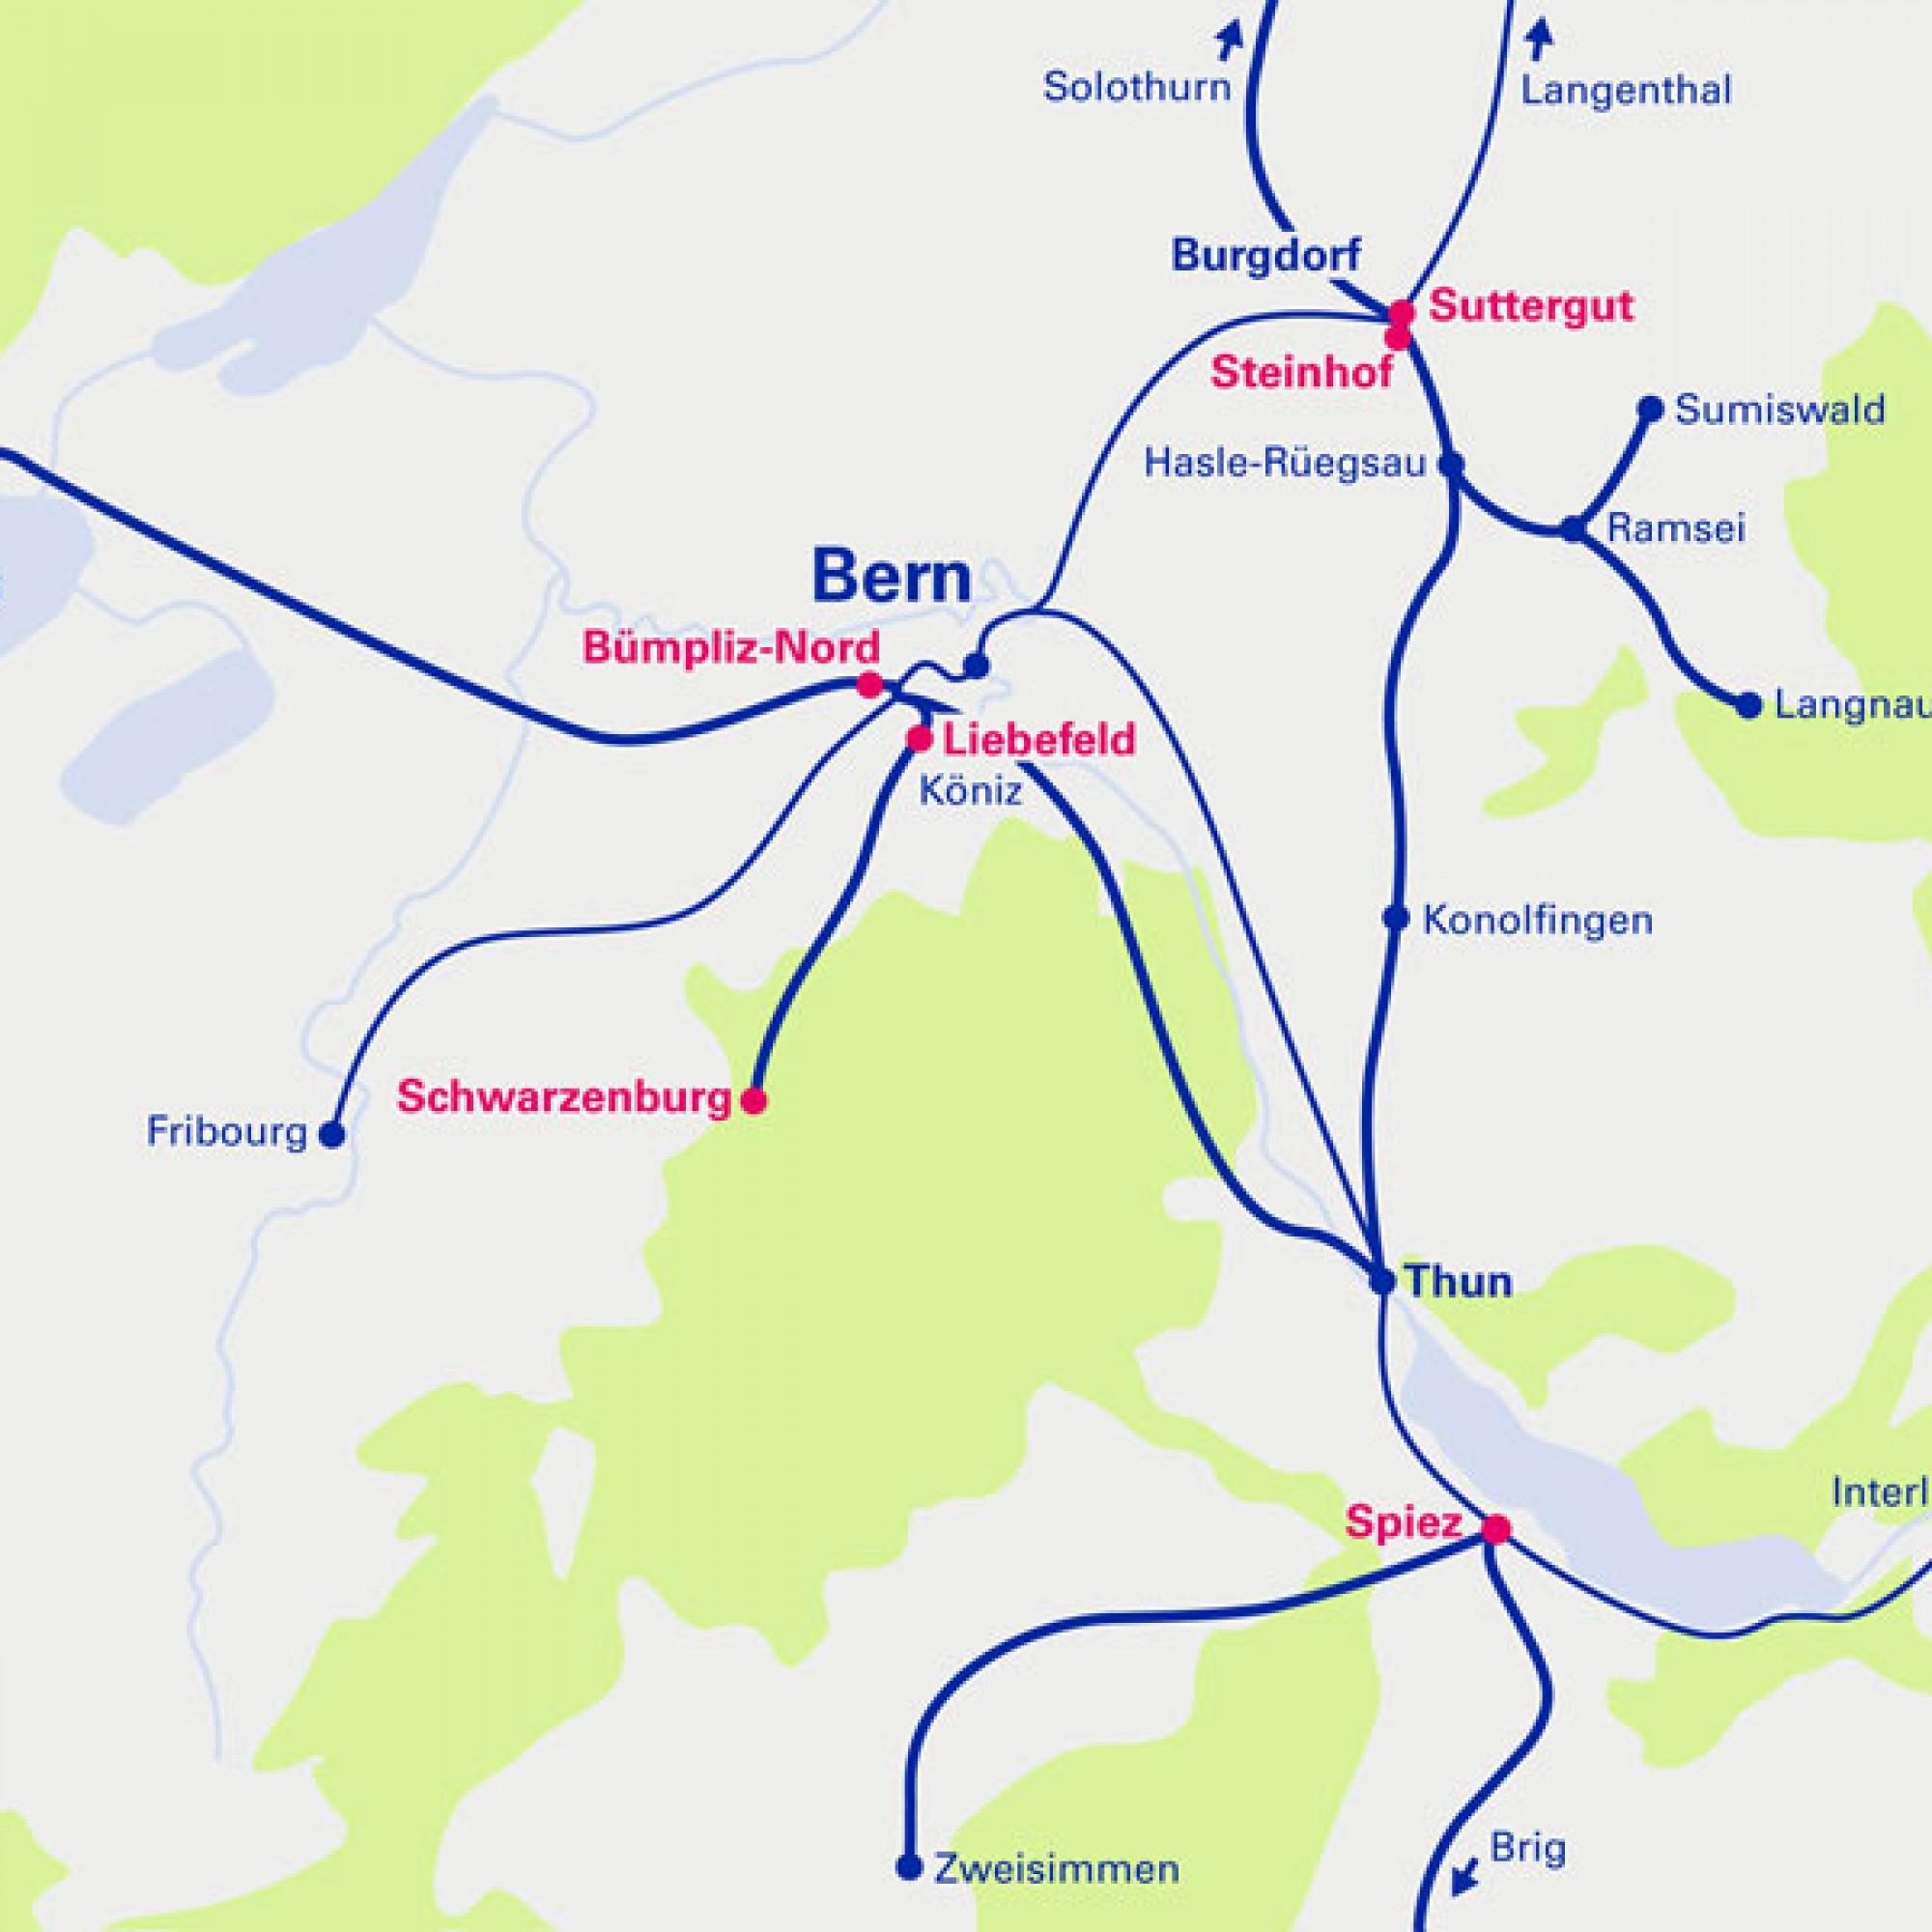 Für diese ehemaligen Bahnareale (pink eingefärbt) sieht die BLS AG Entwicklungspotenzial. (Grafik zvg)